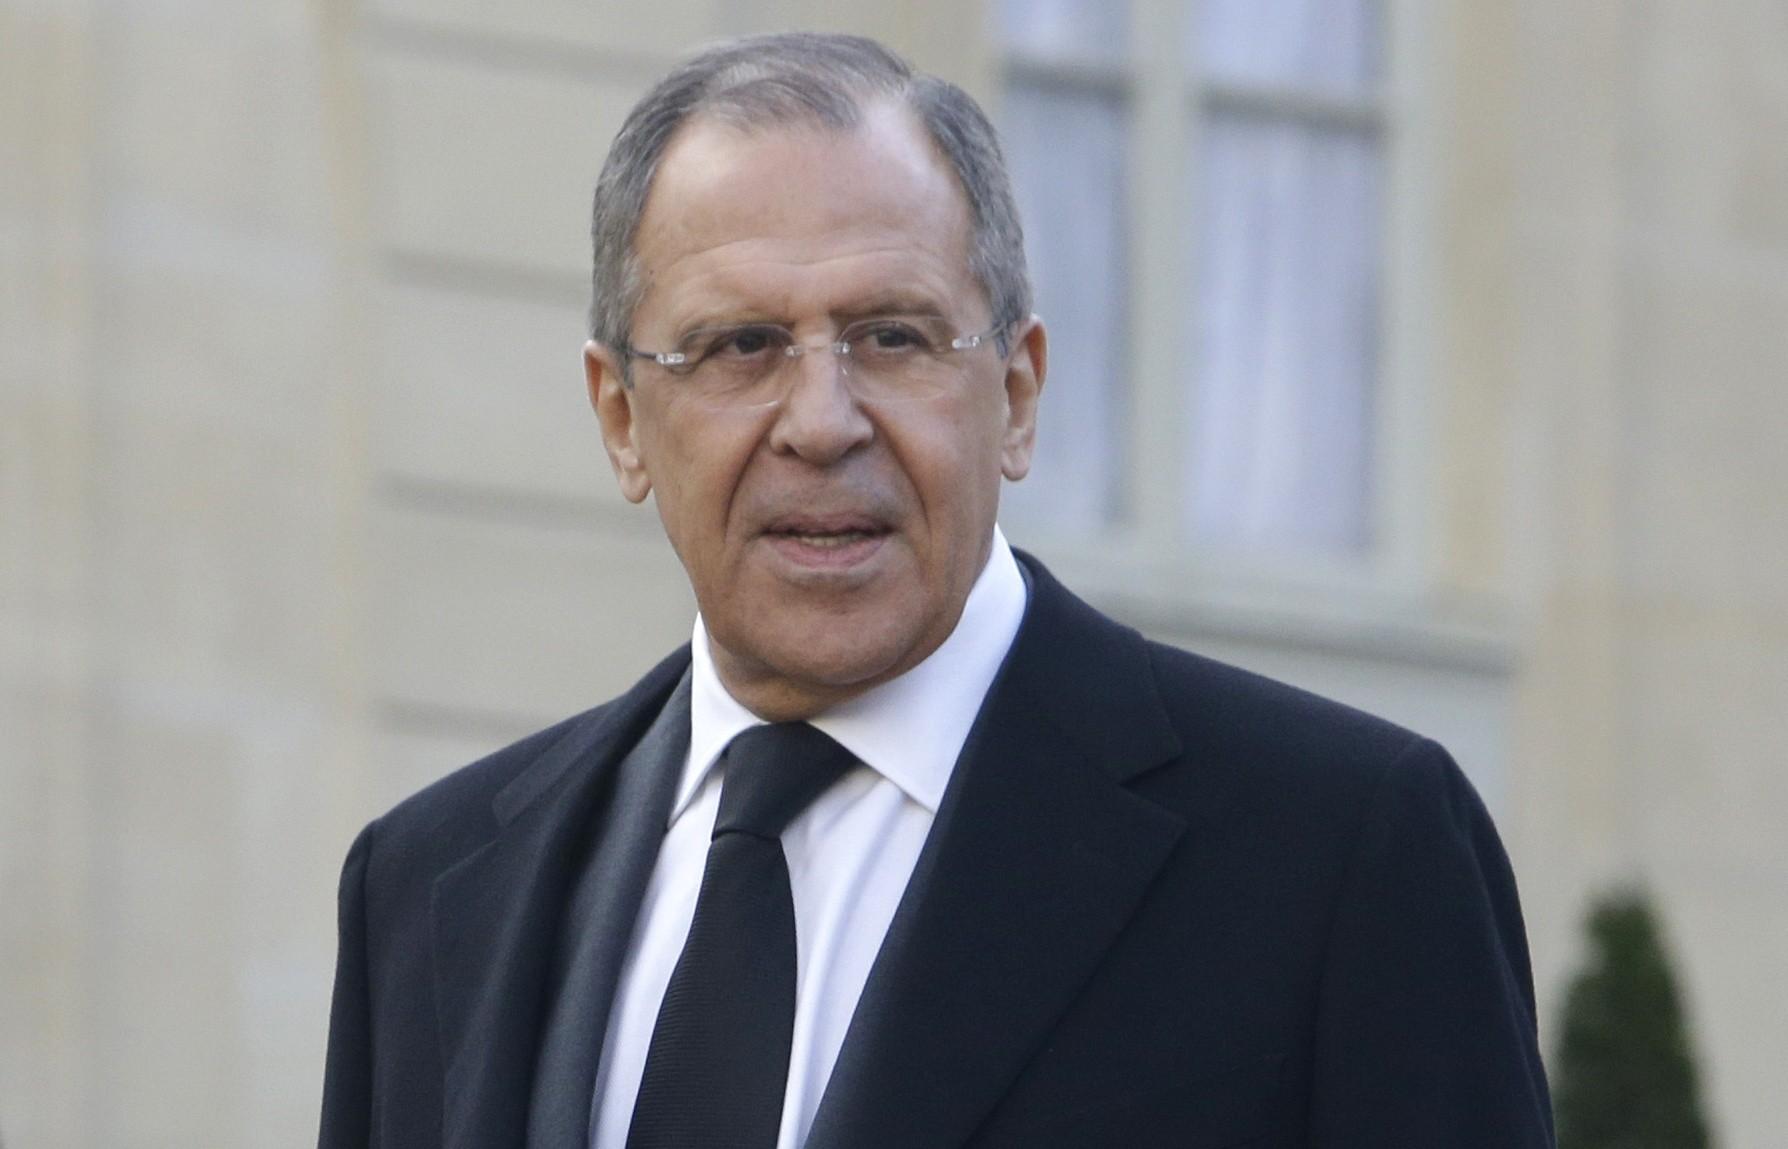 Лавров заявил что не будет уклоняться от встречи с главой МИД Турции